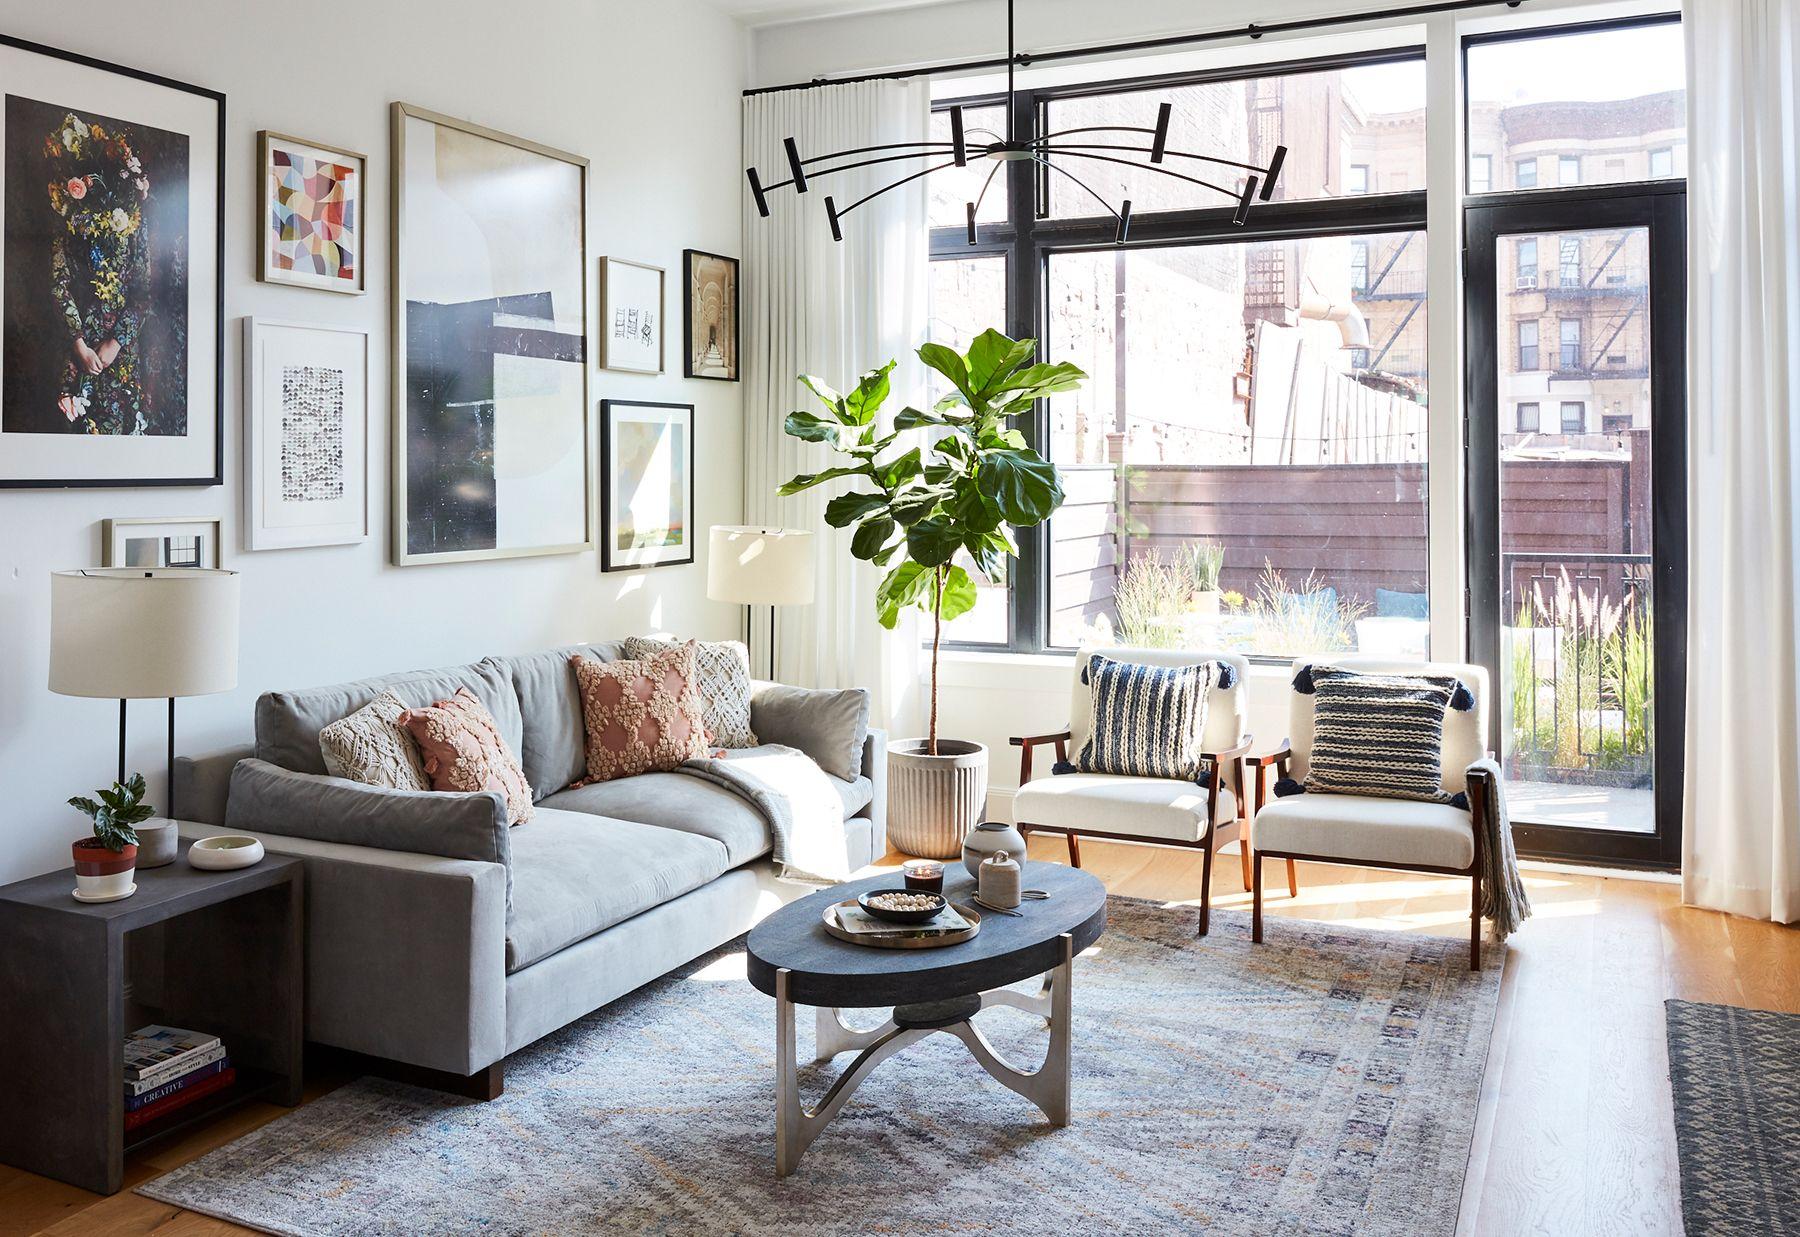 Step Inside The 2019 Real Simple Home Find 250 Design Ideas Living Room Design Modern Comfy Living Room Design Living Room Decor Modern